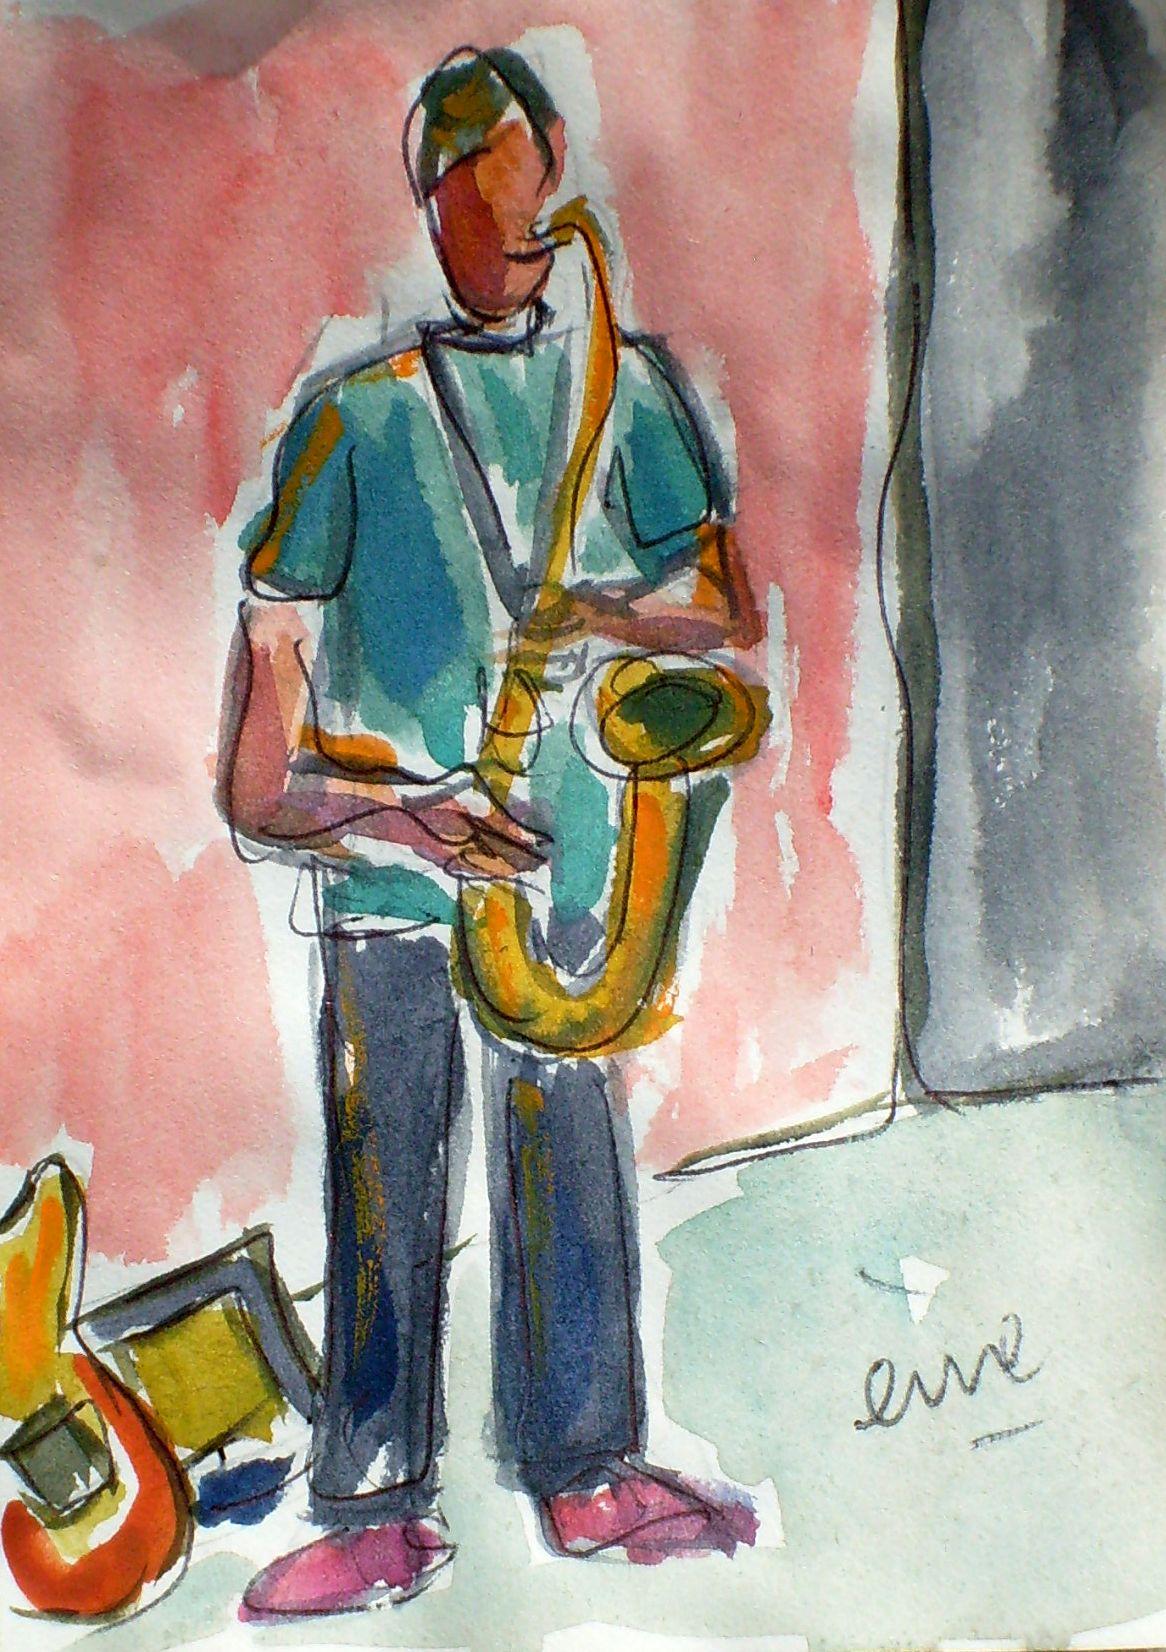 saxophonisteacryliquesurpapier.jpg